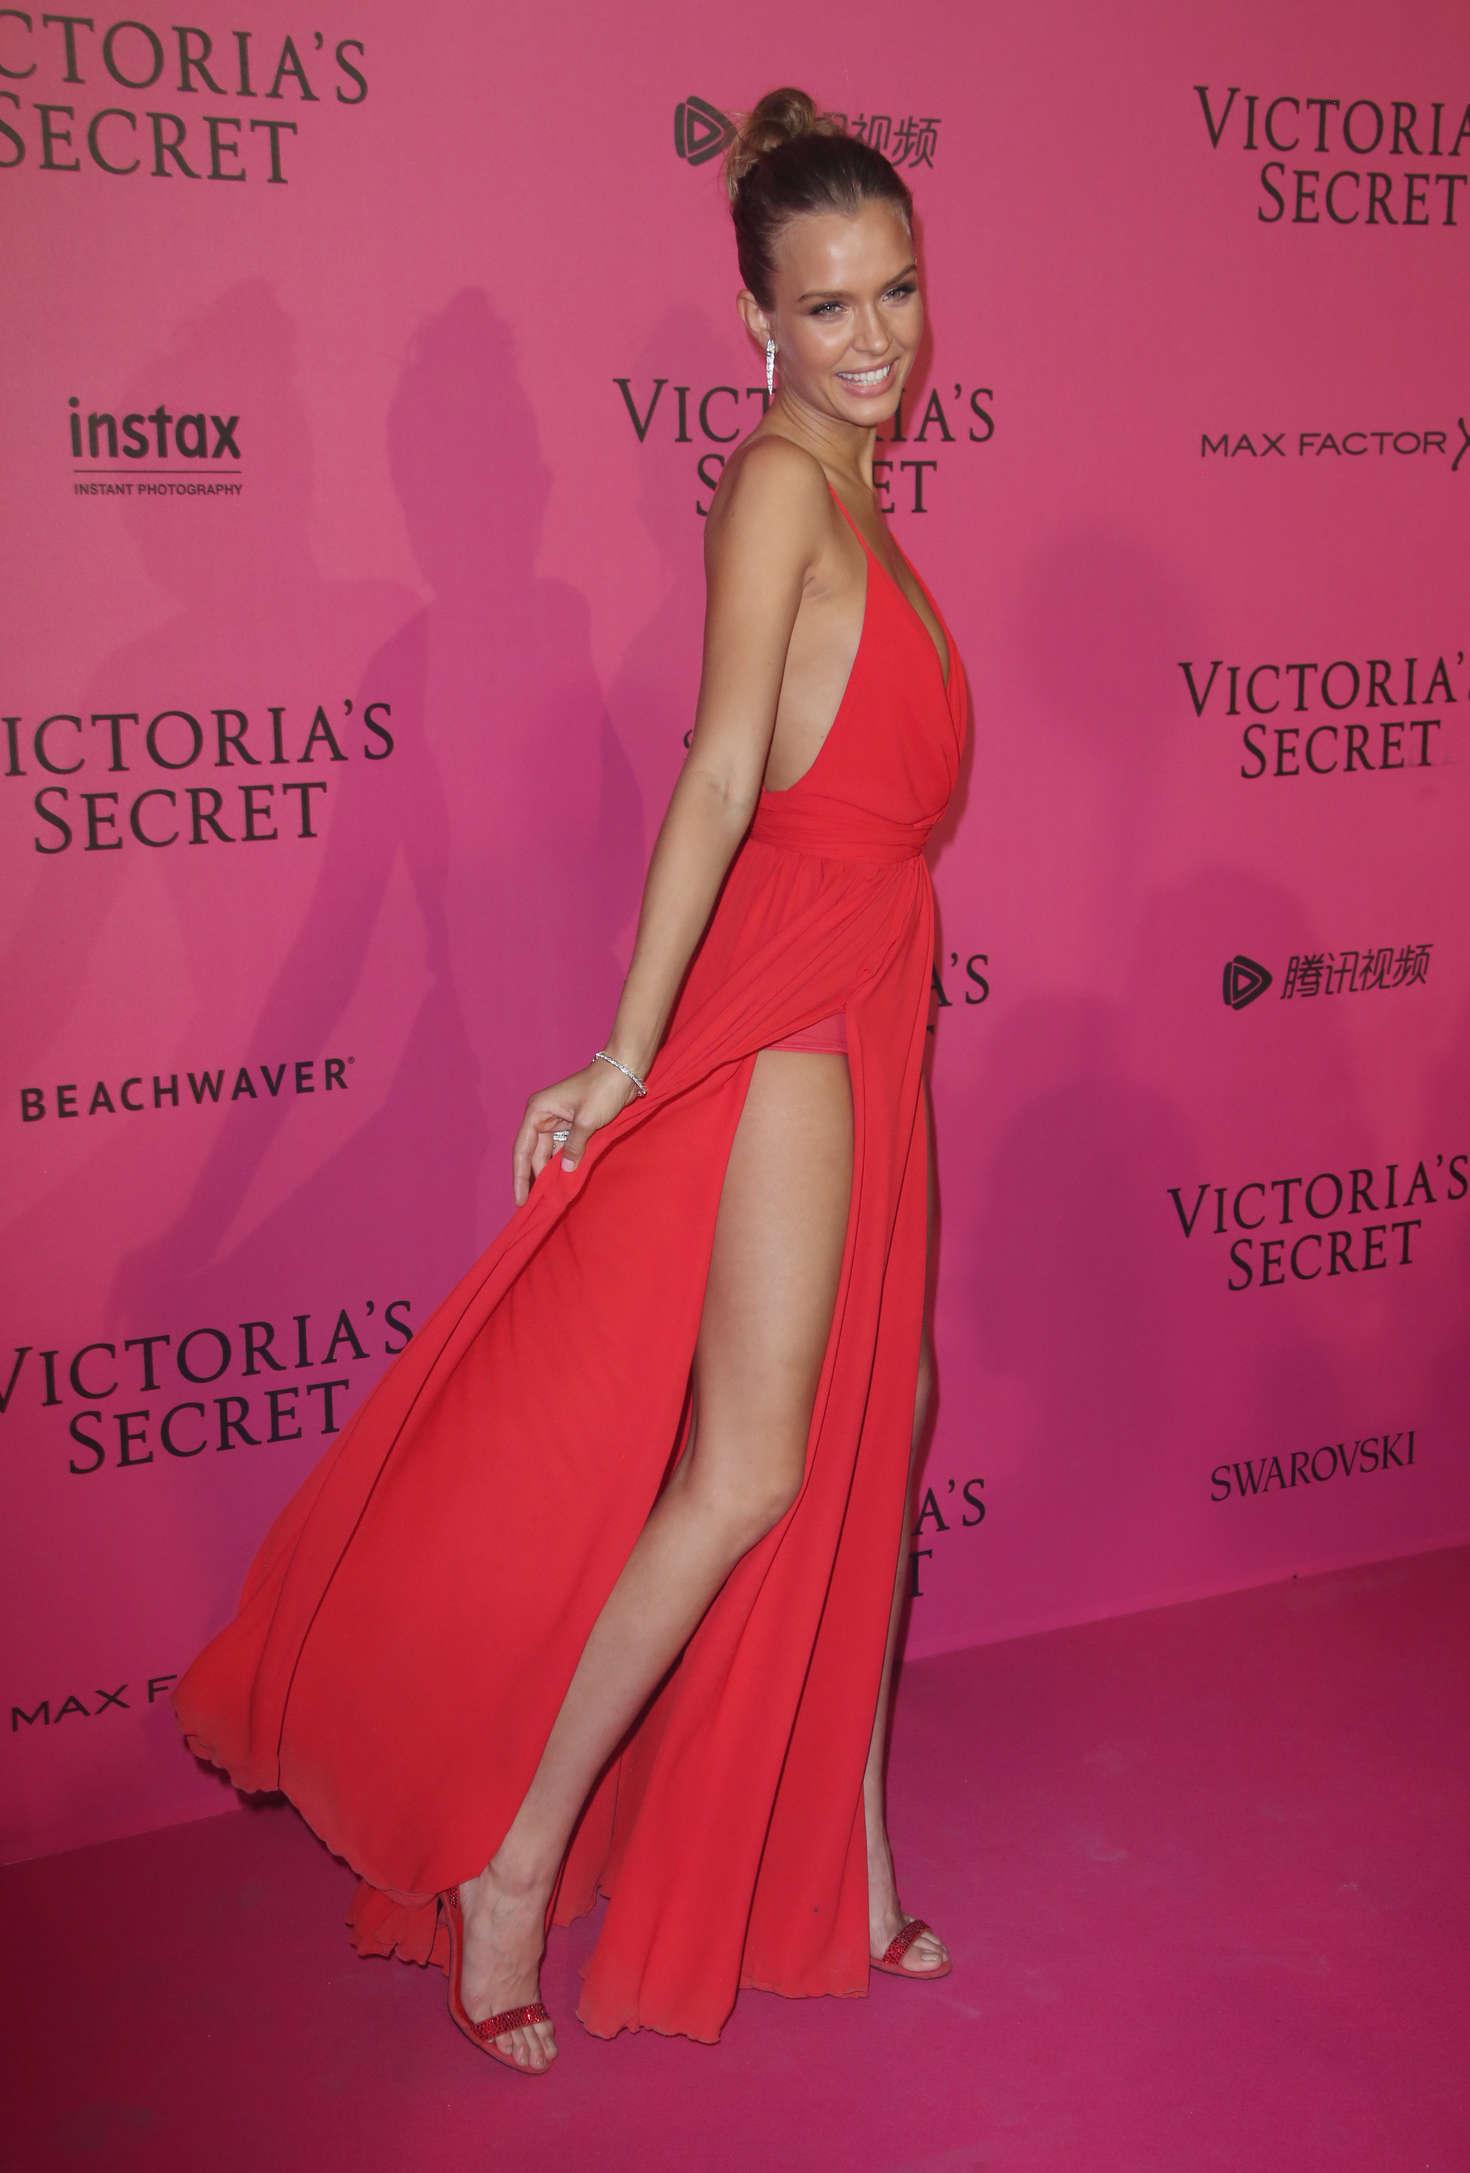 Josephine Skriver Victorias Secret Fashion Show 2016 After Party 03 Gotceleb